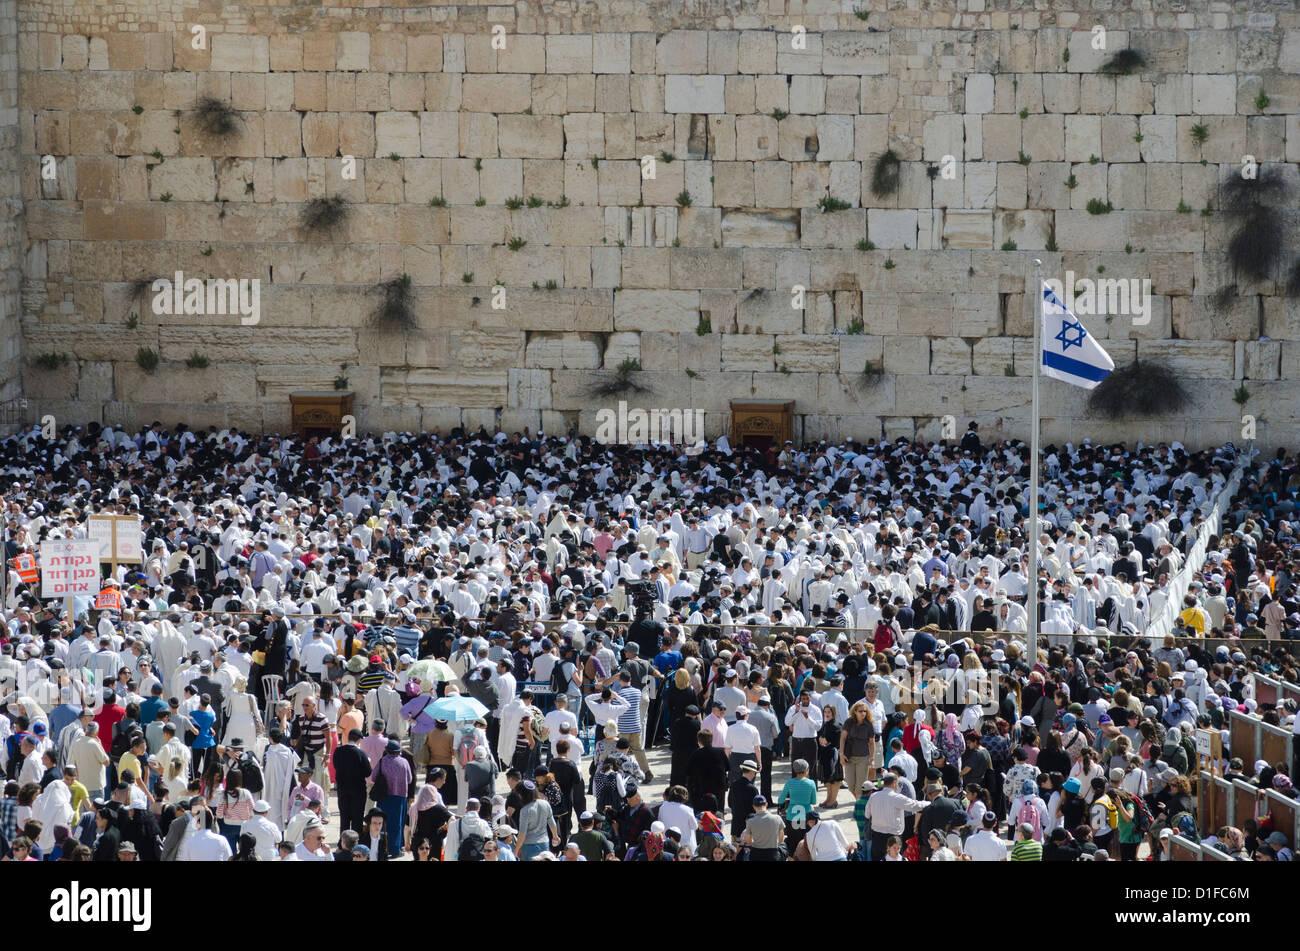 Bénédiction de Cohen traditionnel au Mur occidental pendant la fête juive de la Pâque, vieille Photo Stock